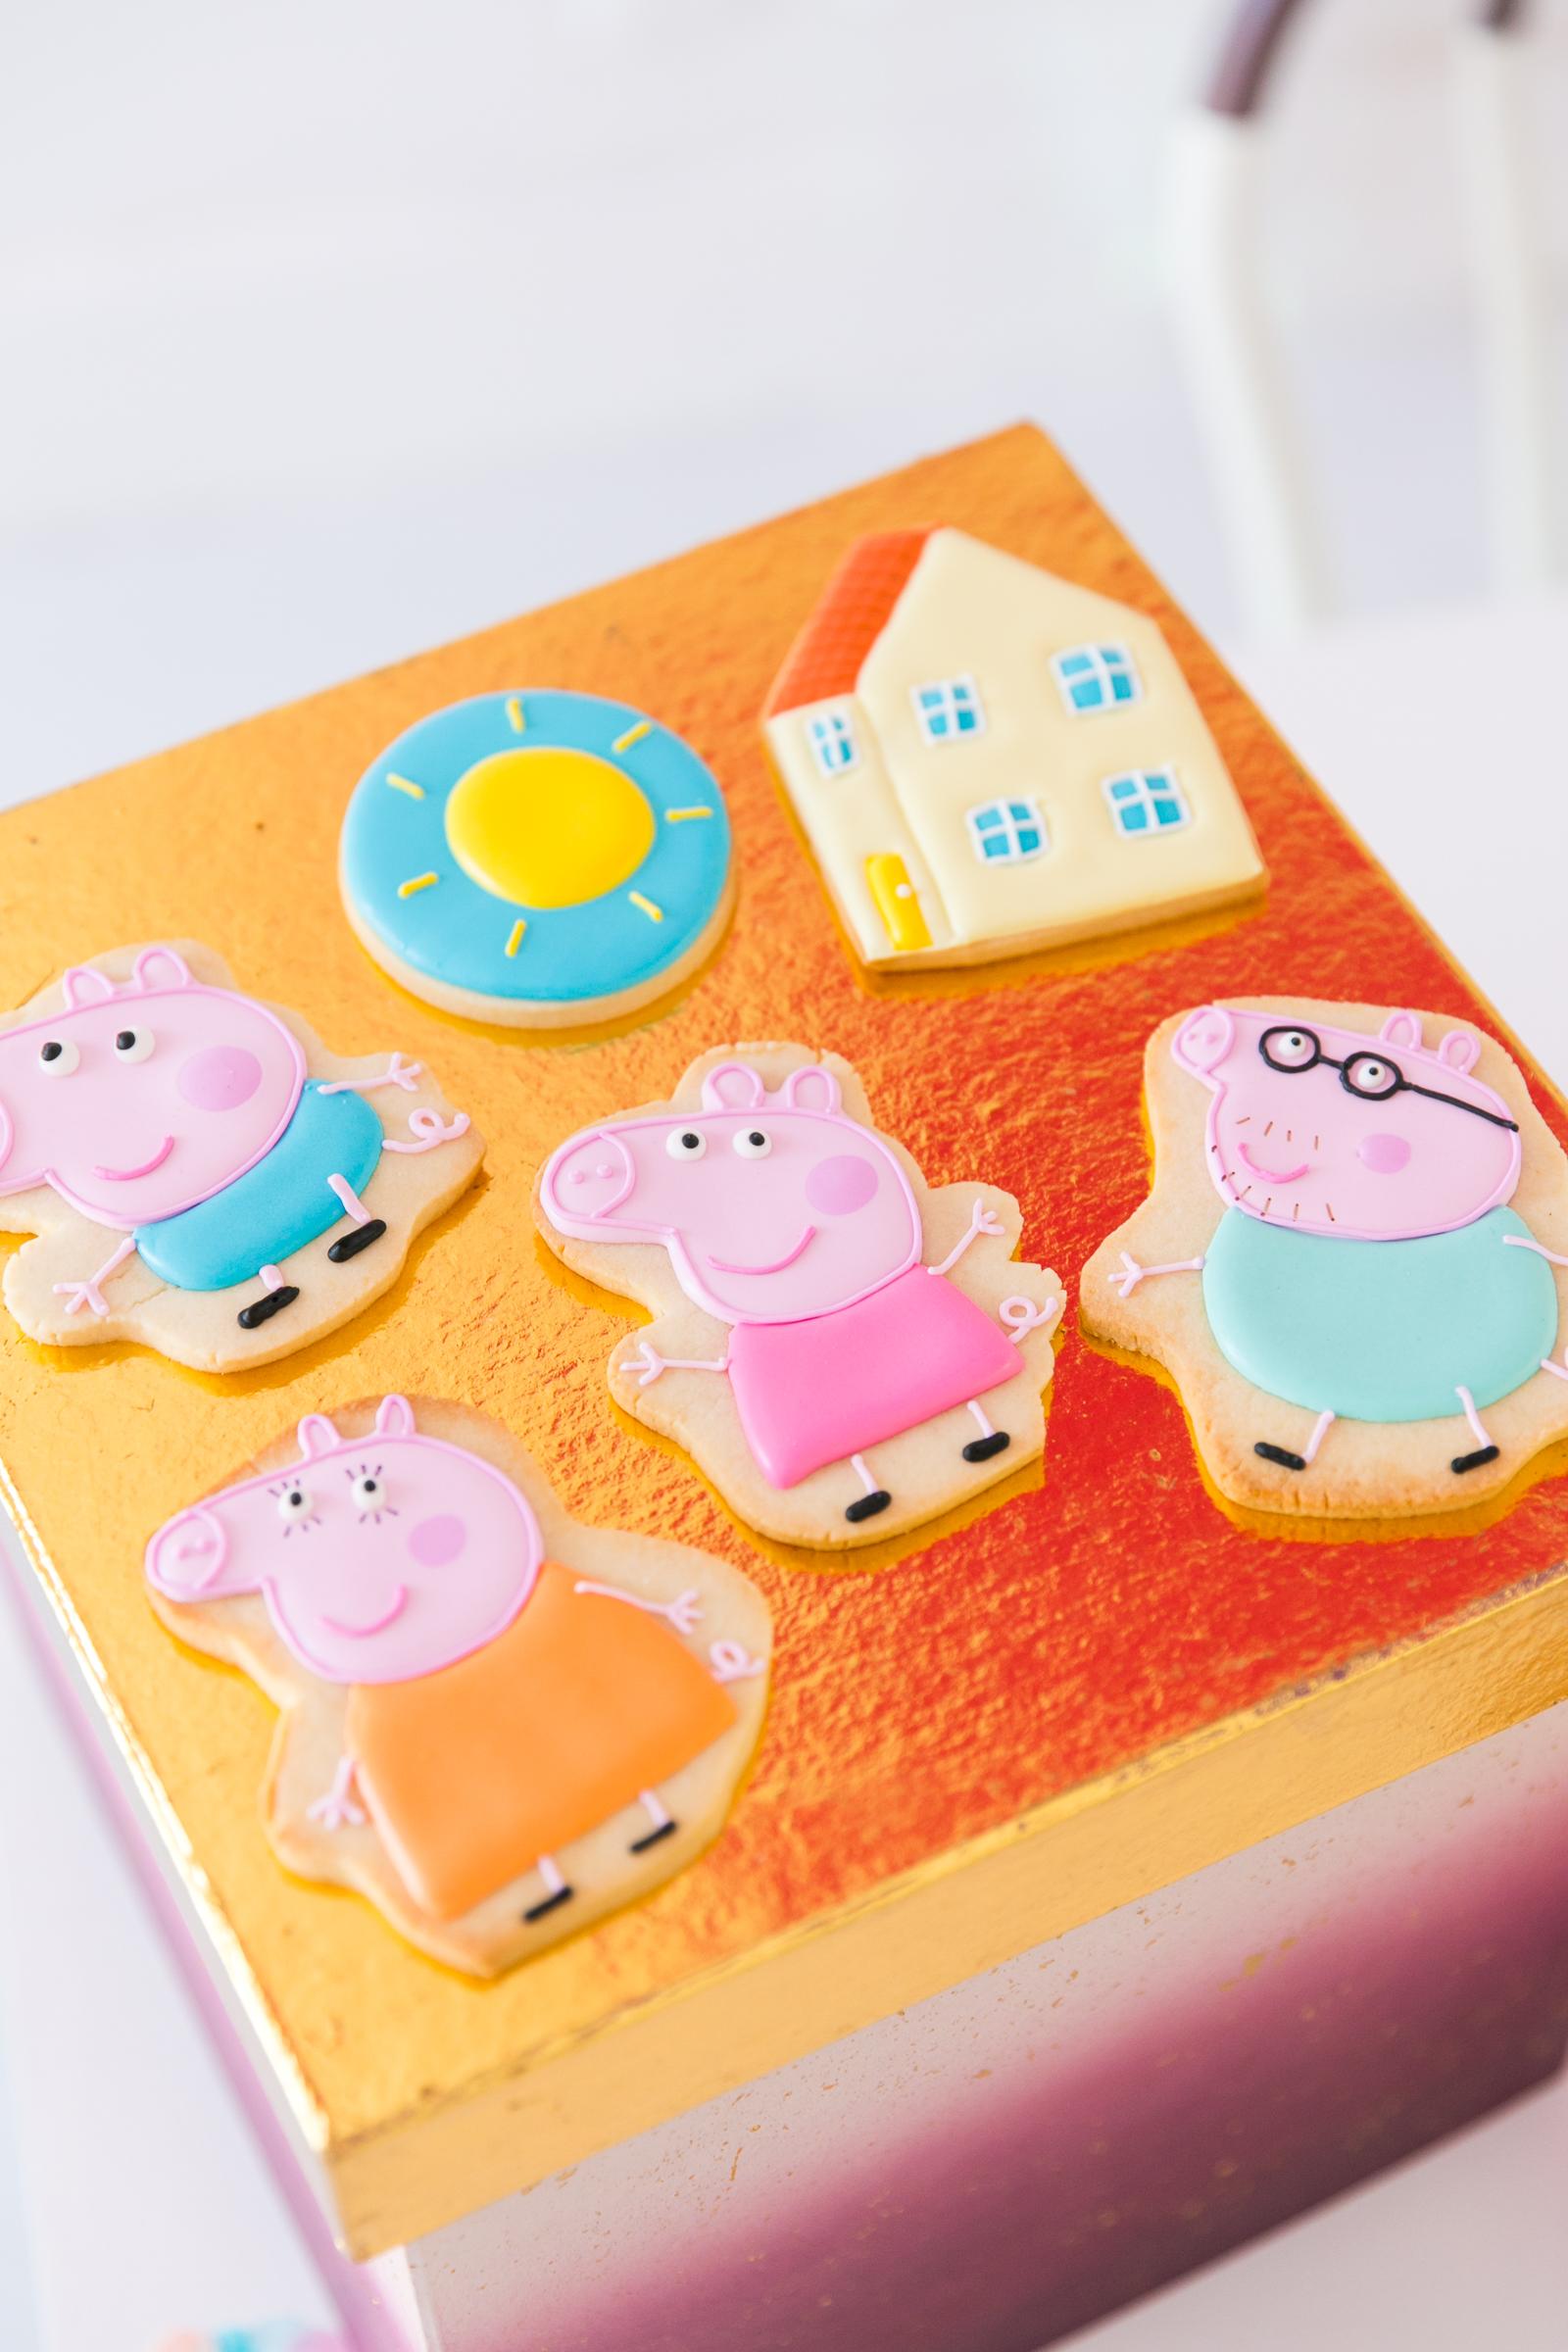 Oui Party - Peppa Pig Party - Peppa Pig Cookies.jpg